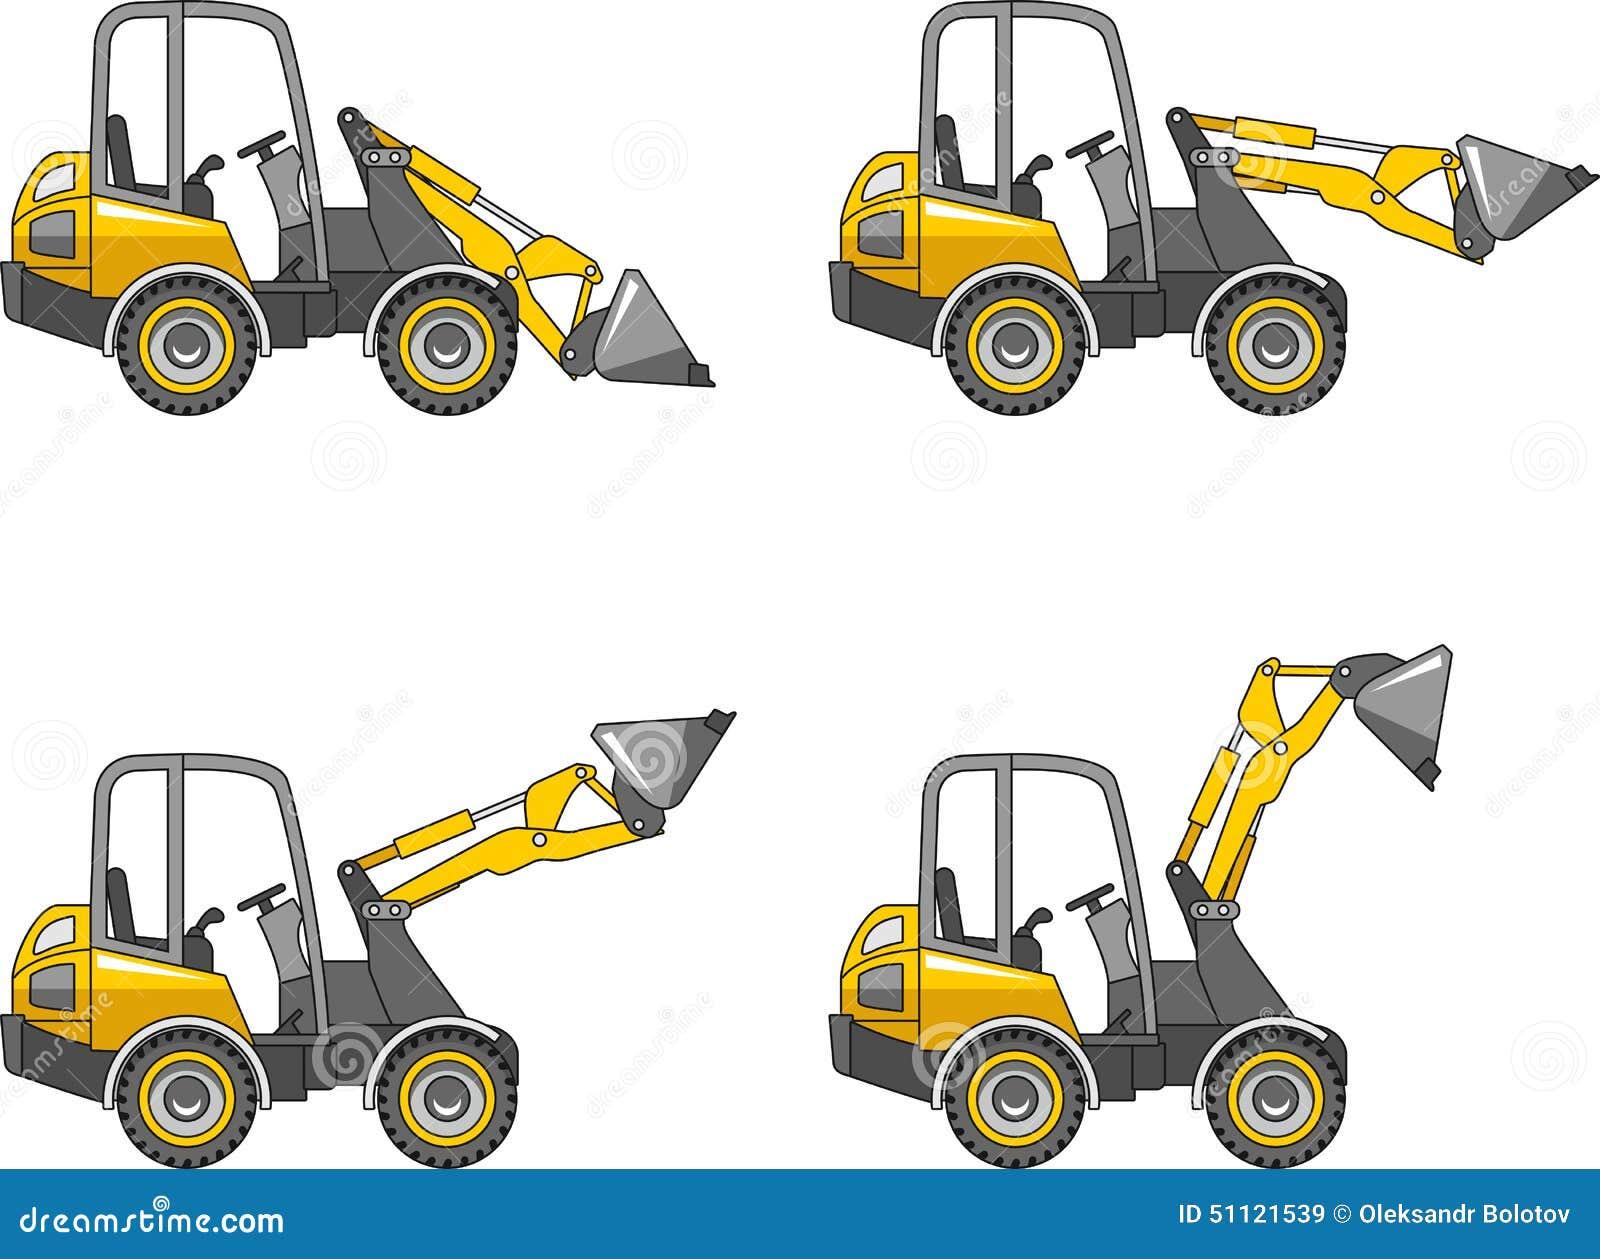 Skid Steer Tools : Skid steer loaders heavy construction machines vector